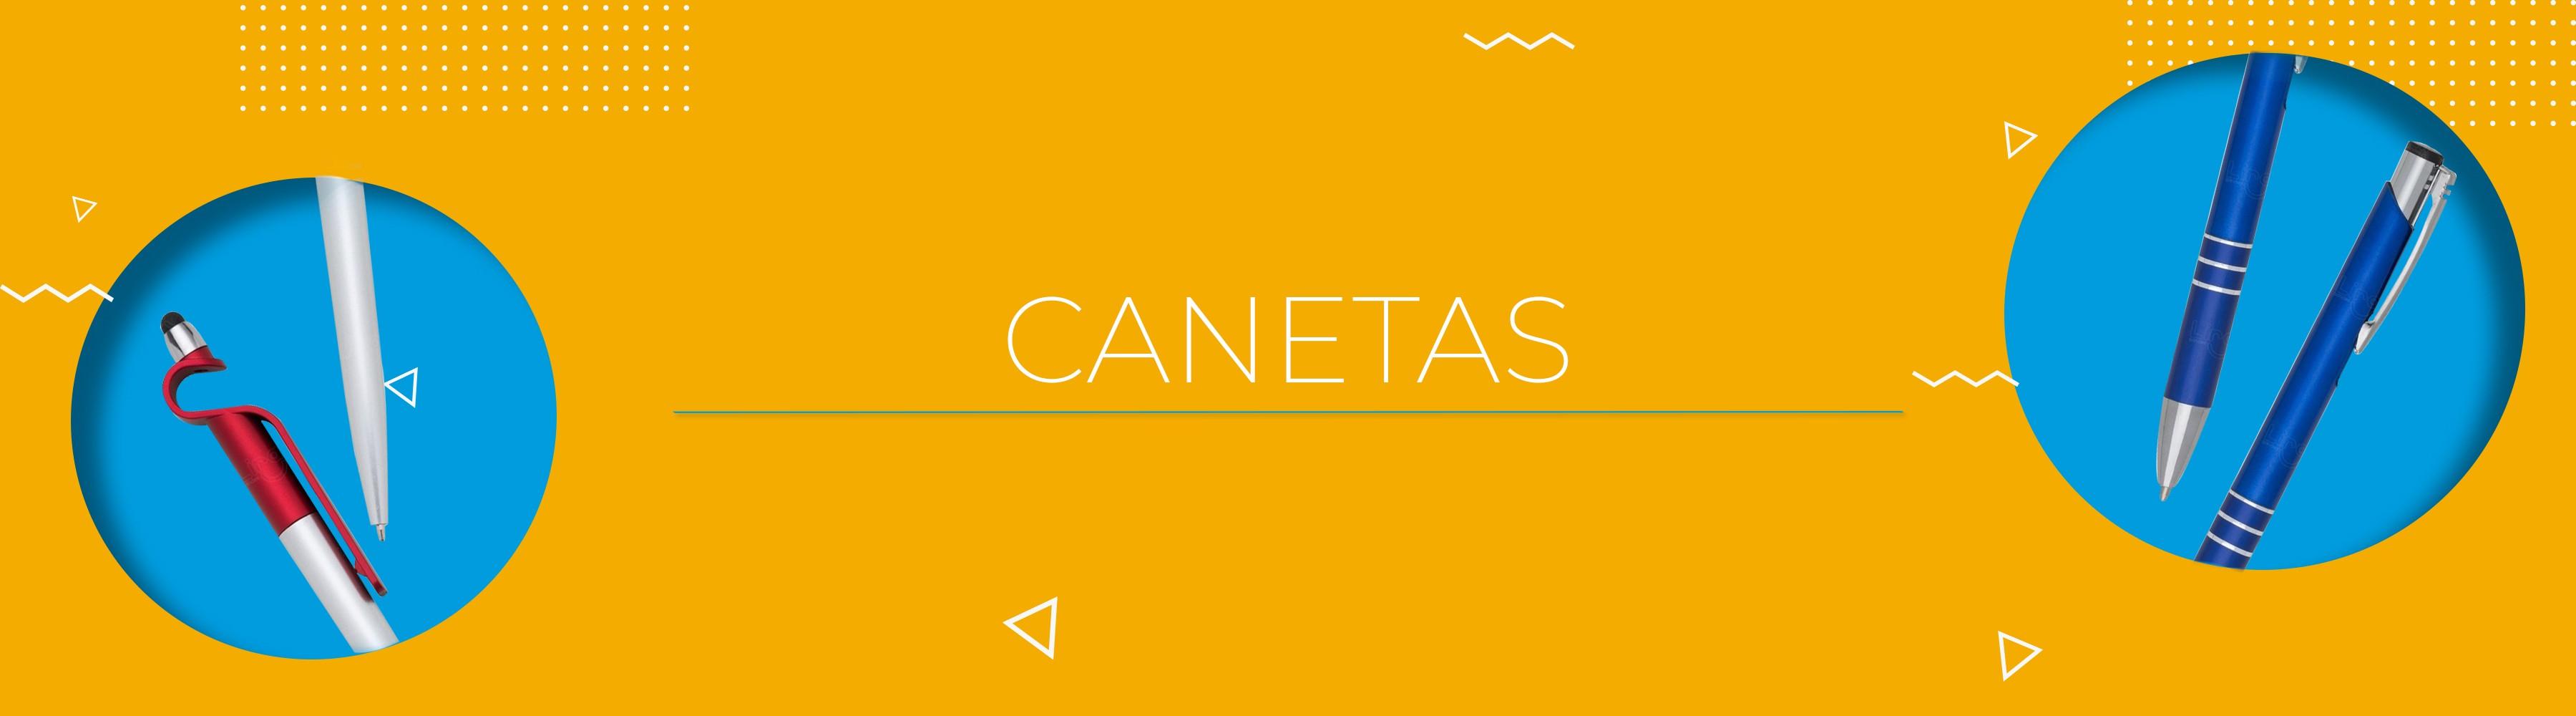 Banner Canetas